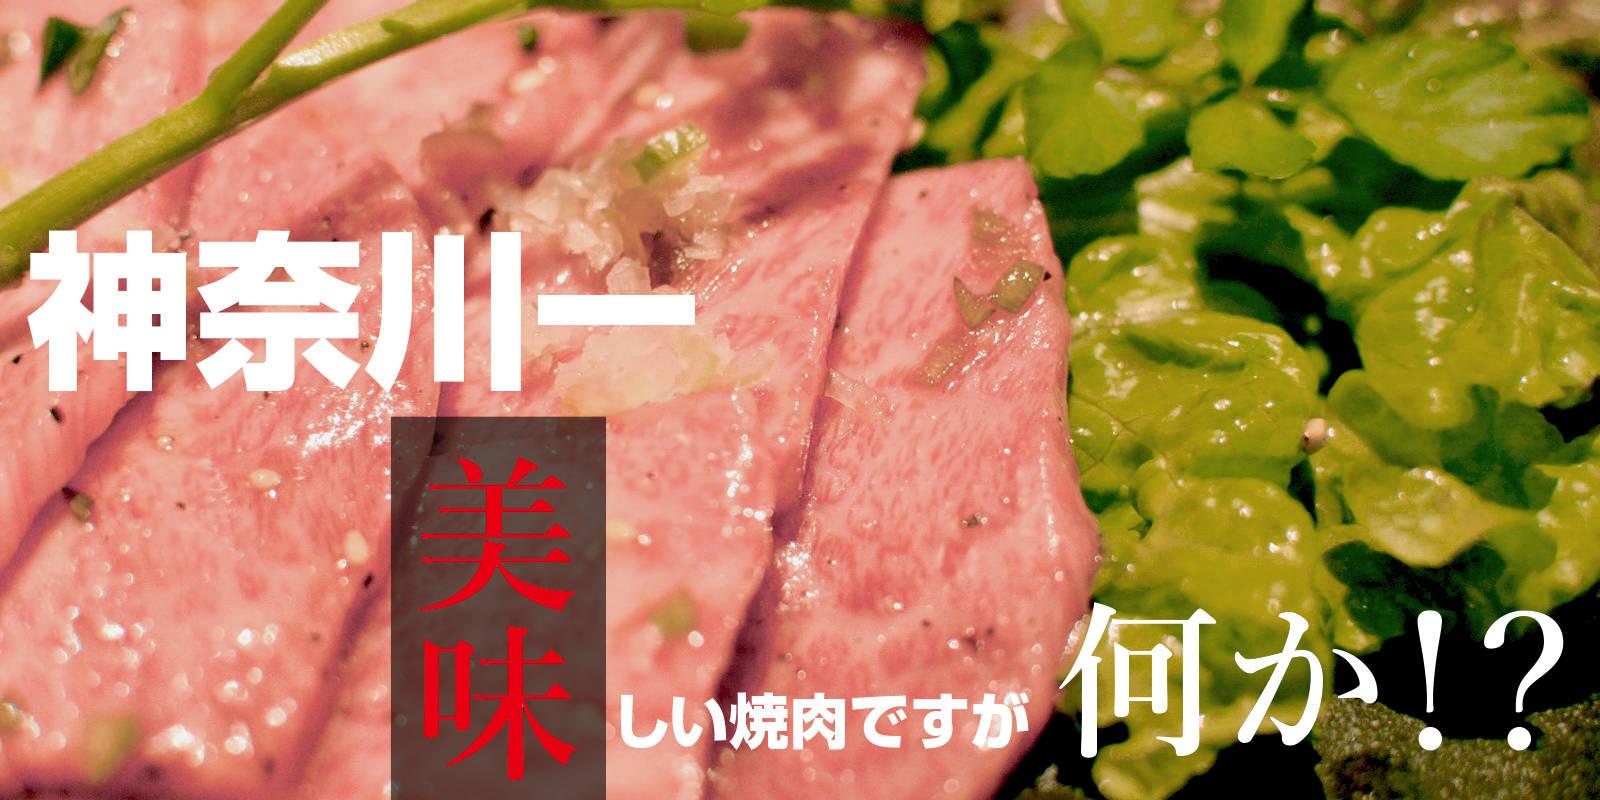 肉問屋直営焼肉 杏樹亭 神奈川一美味しい焼肉イメージスライド